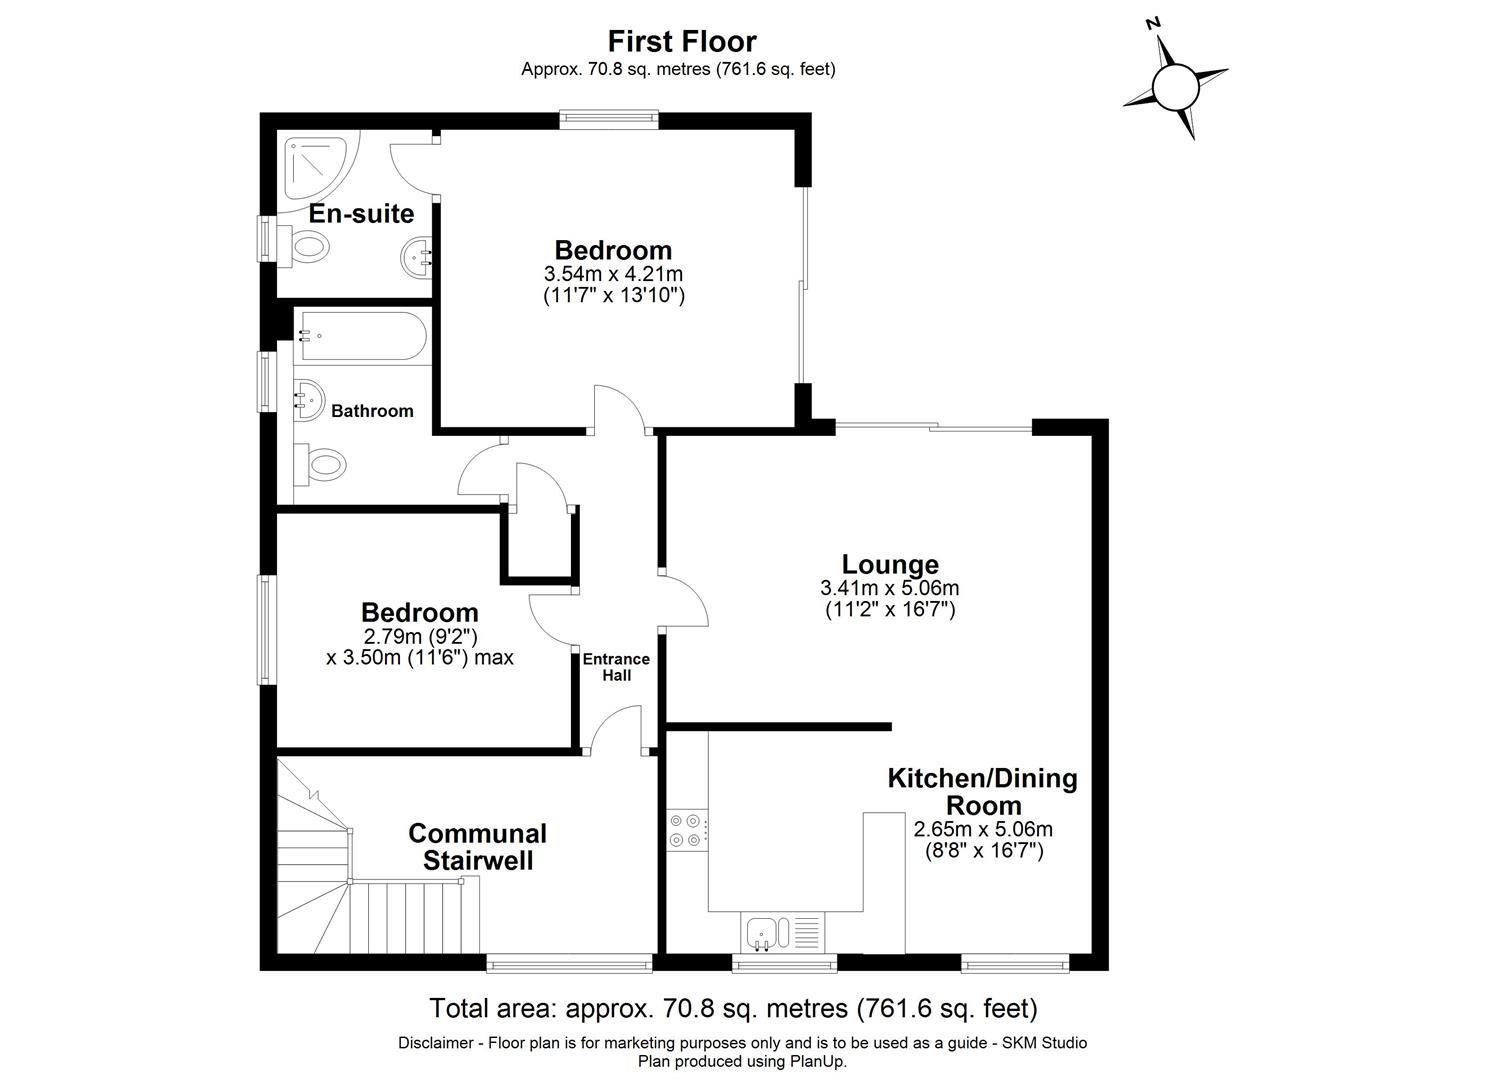 9_-Brook-Lane_-BERKHAMSTED - floor plan.jpg